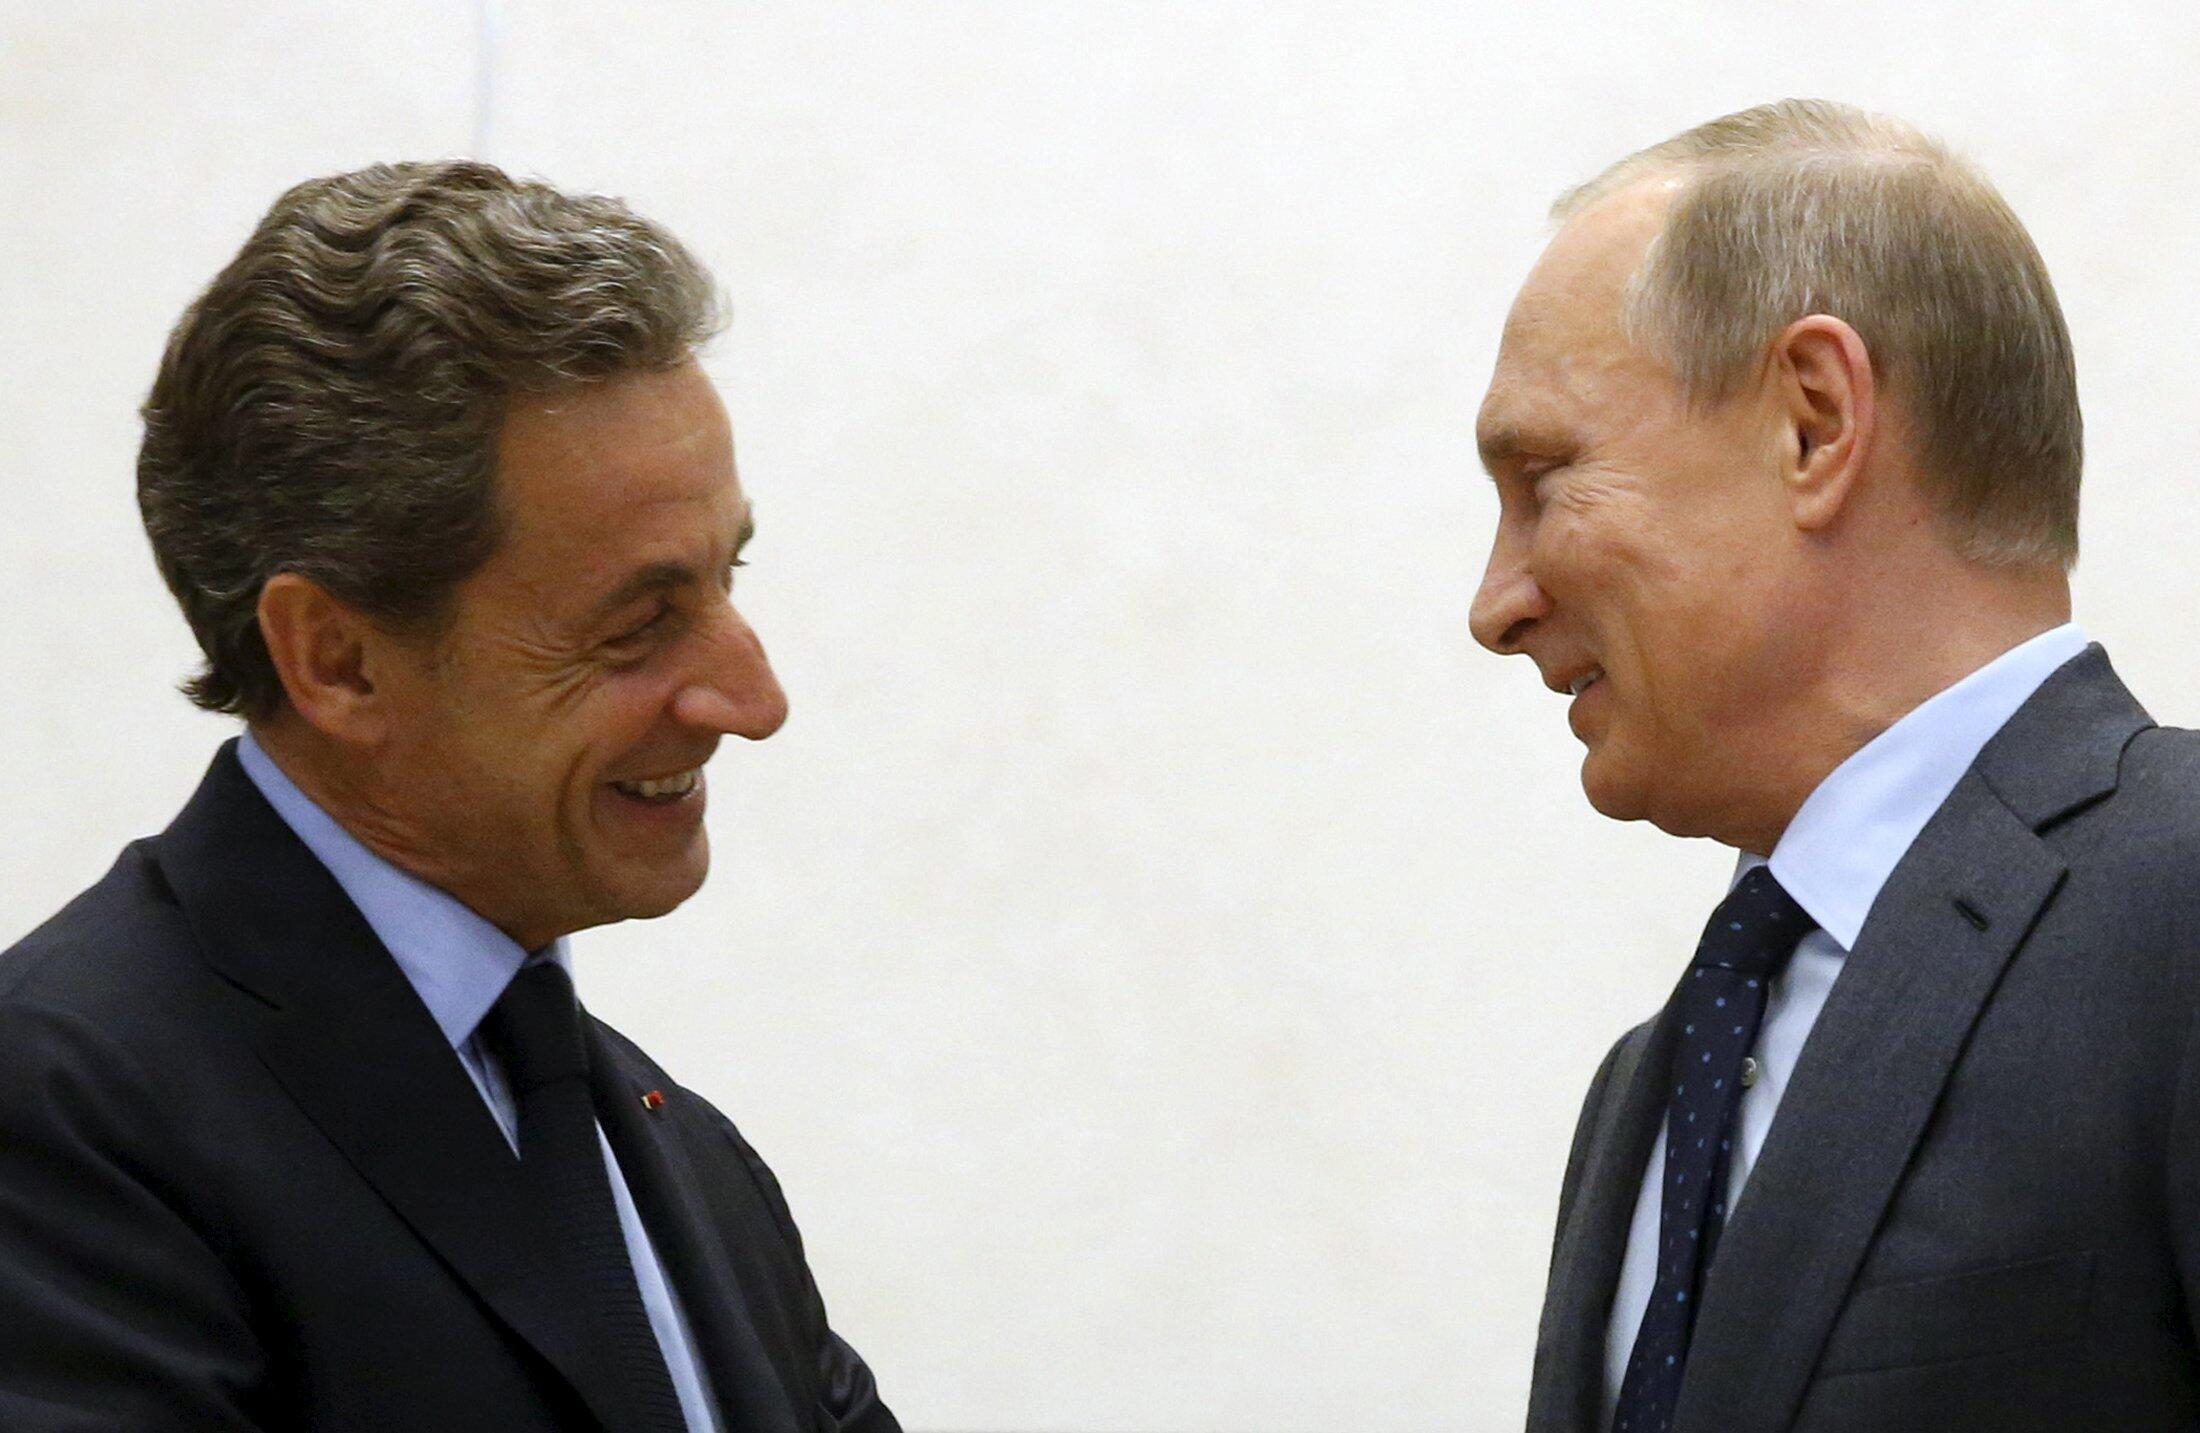 Экс-президент Франции Николя Саркози и президент России Владимир Путин в Ново-Огарево, 29 октября 2015 г.